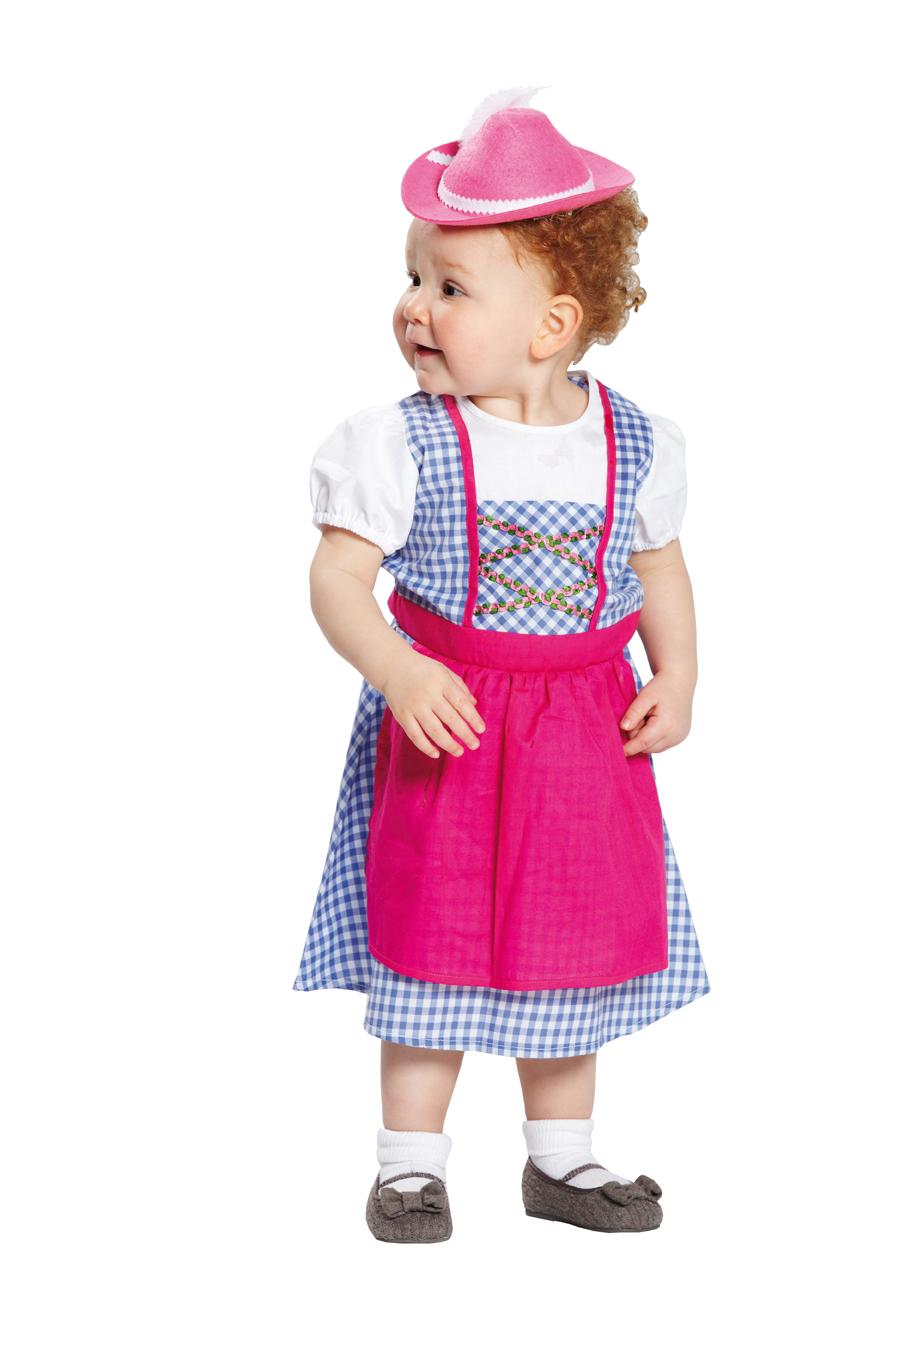 Karneval Kinder Kostüm Heidi Kleid Oktoberfest verkleiden   eBay